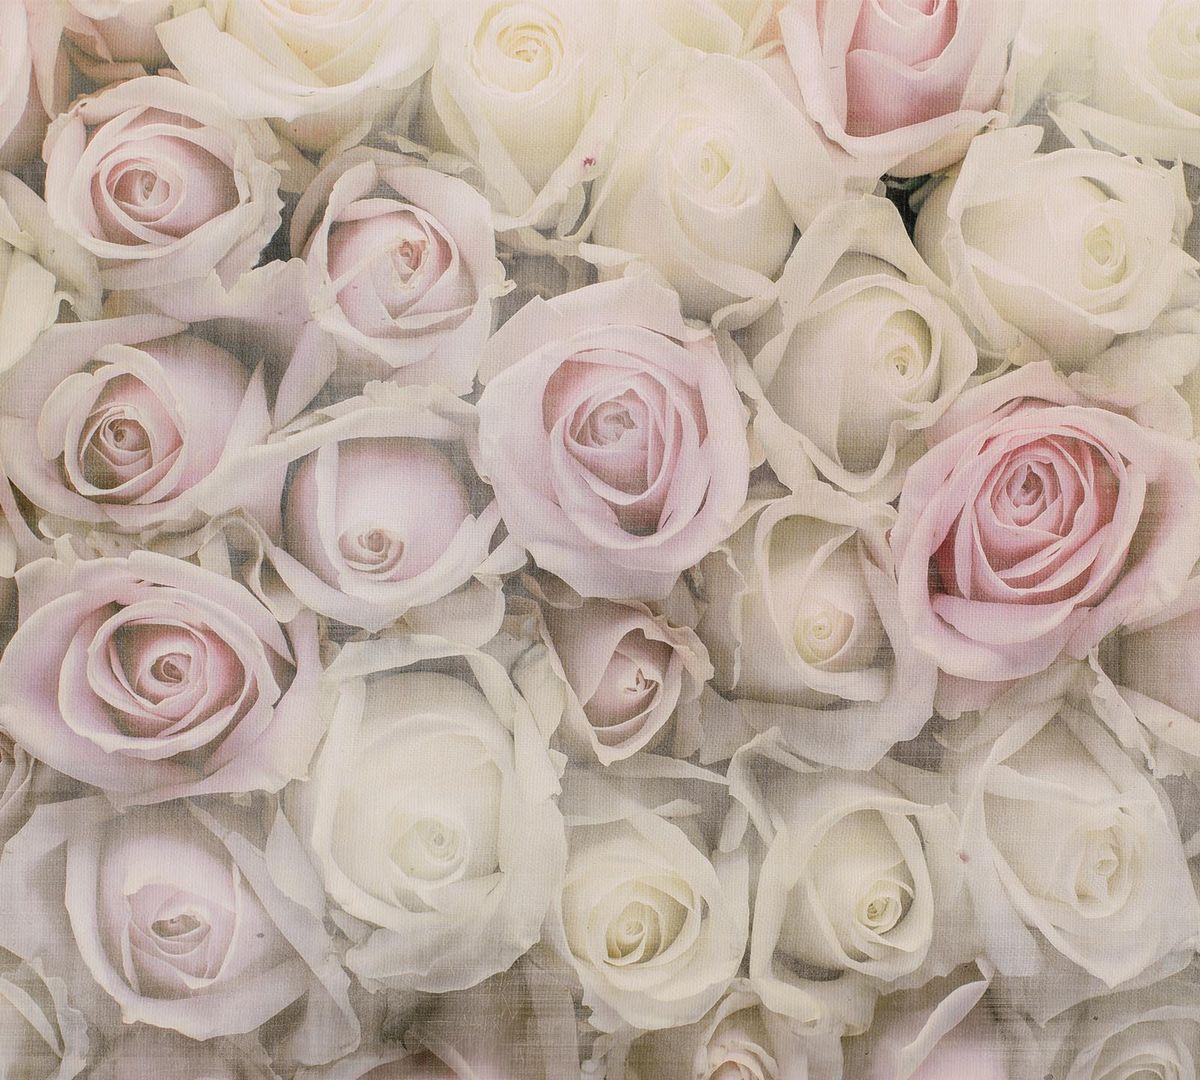 Фотообои Milan Розовая нежность, текстурные, 200 х 180 см. M 518 фотообои milan солнечная италия текстурные 200 х 135 см m 637 page 9